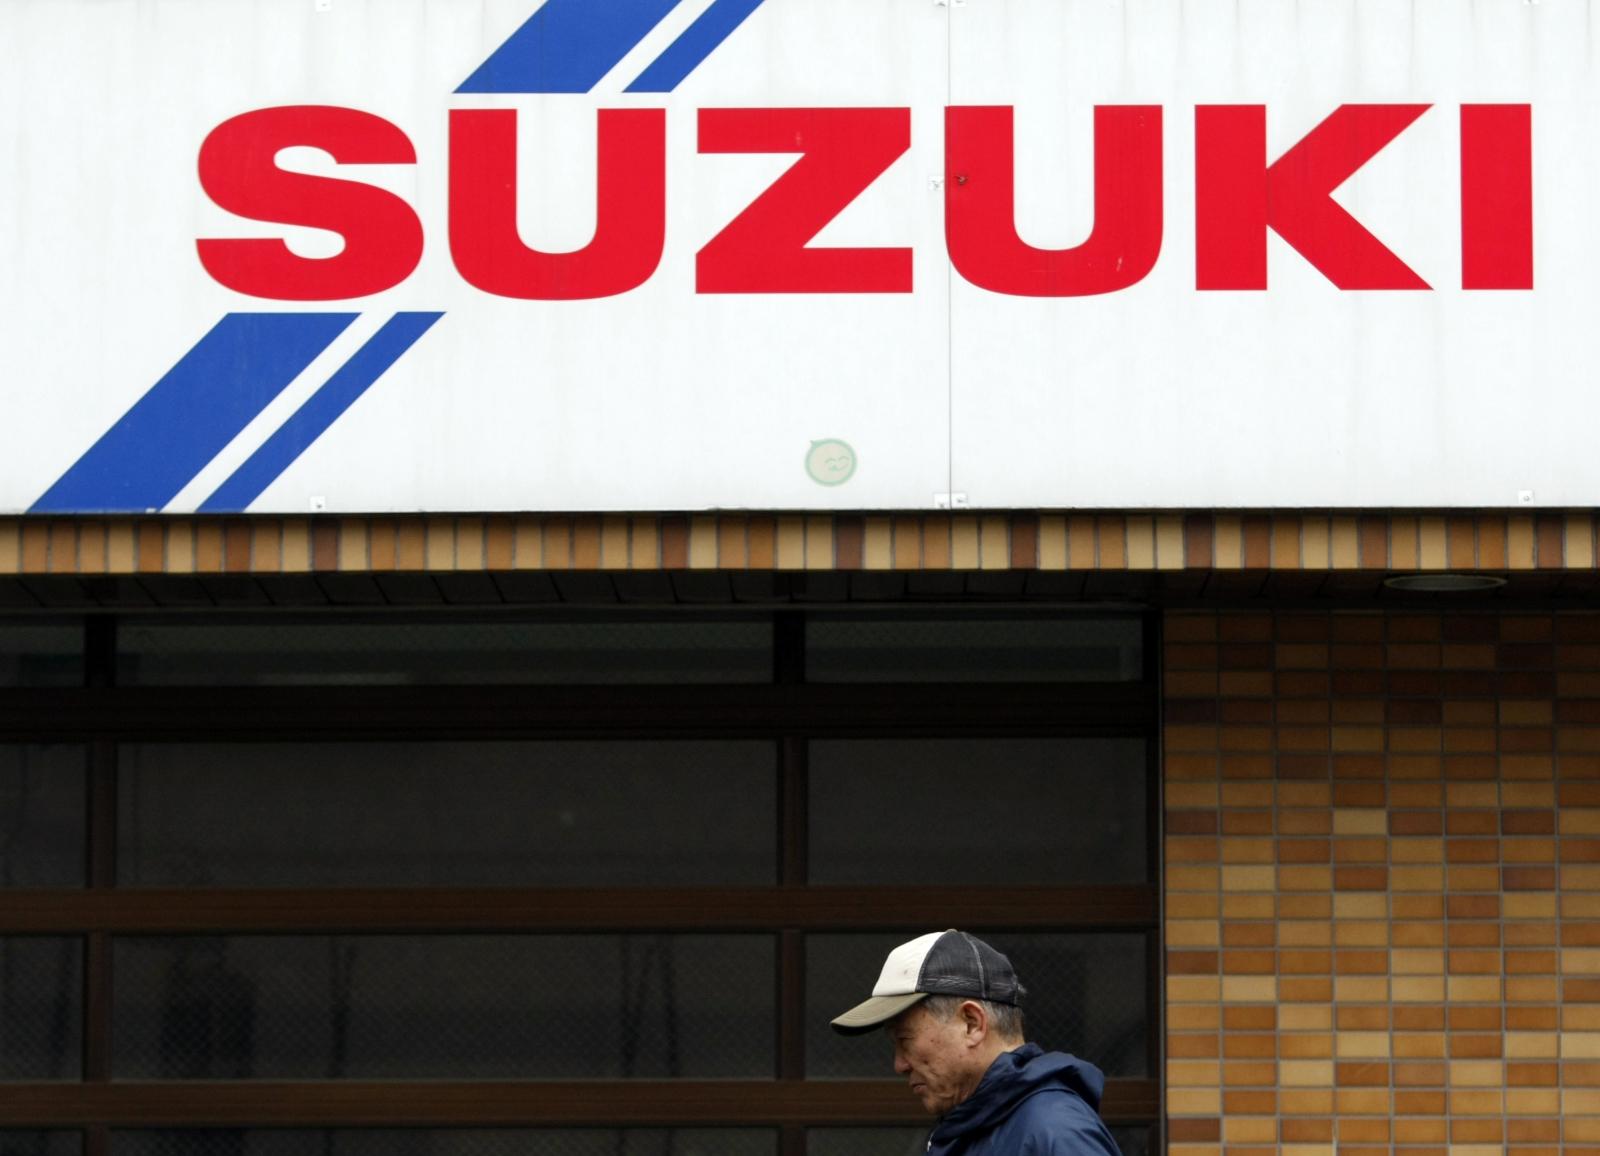 Suzuki dealer shop, Tokyo